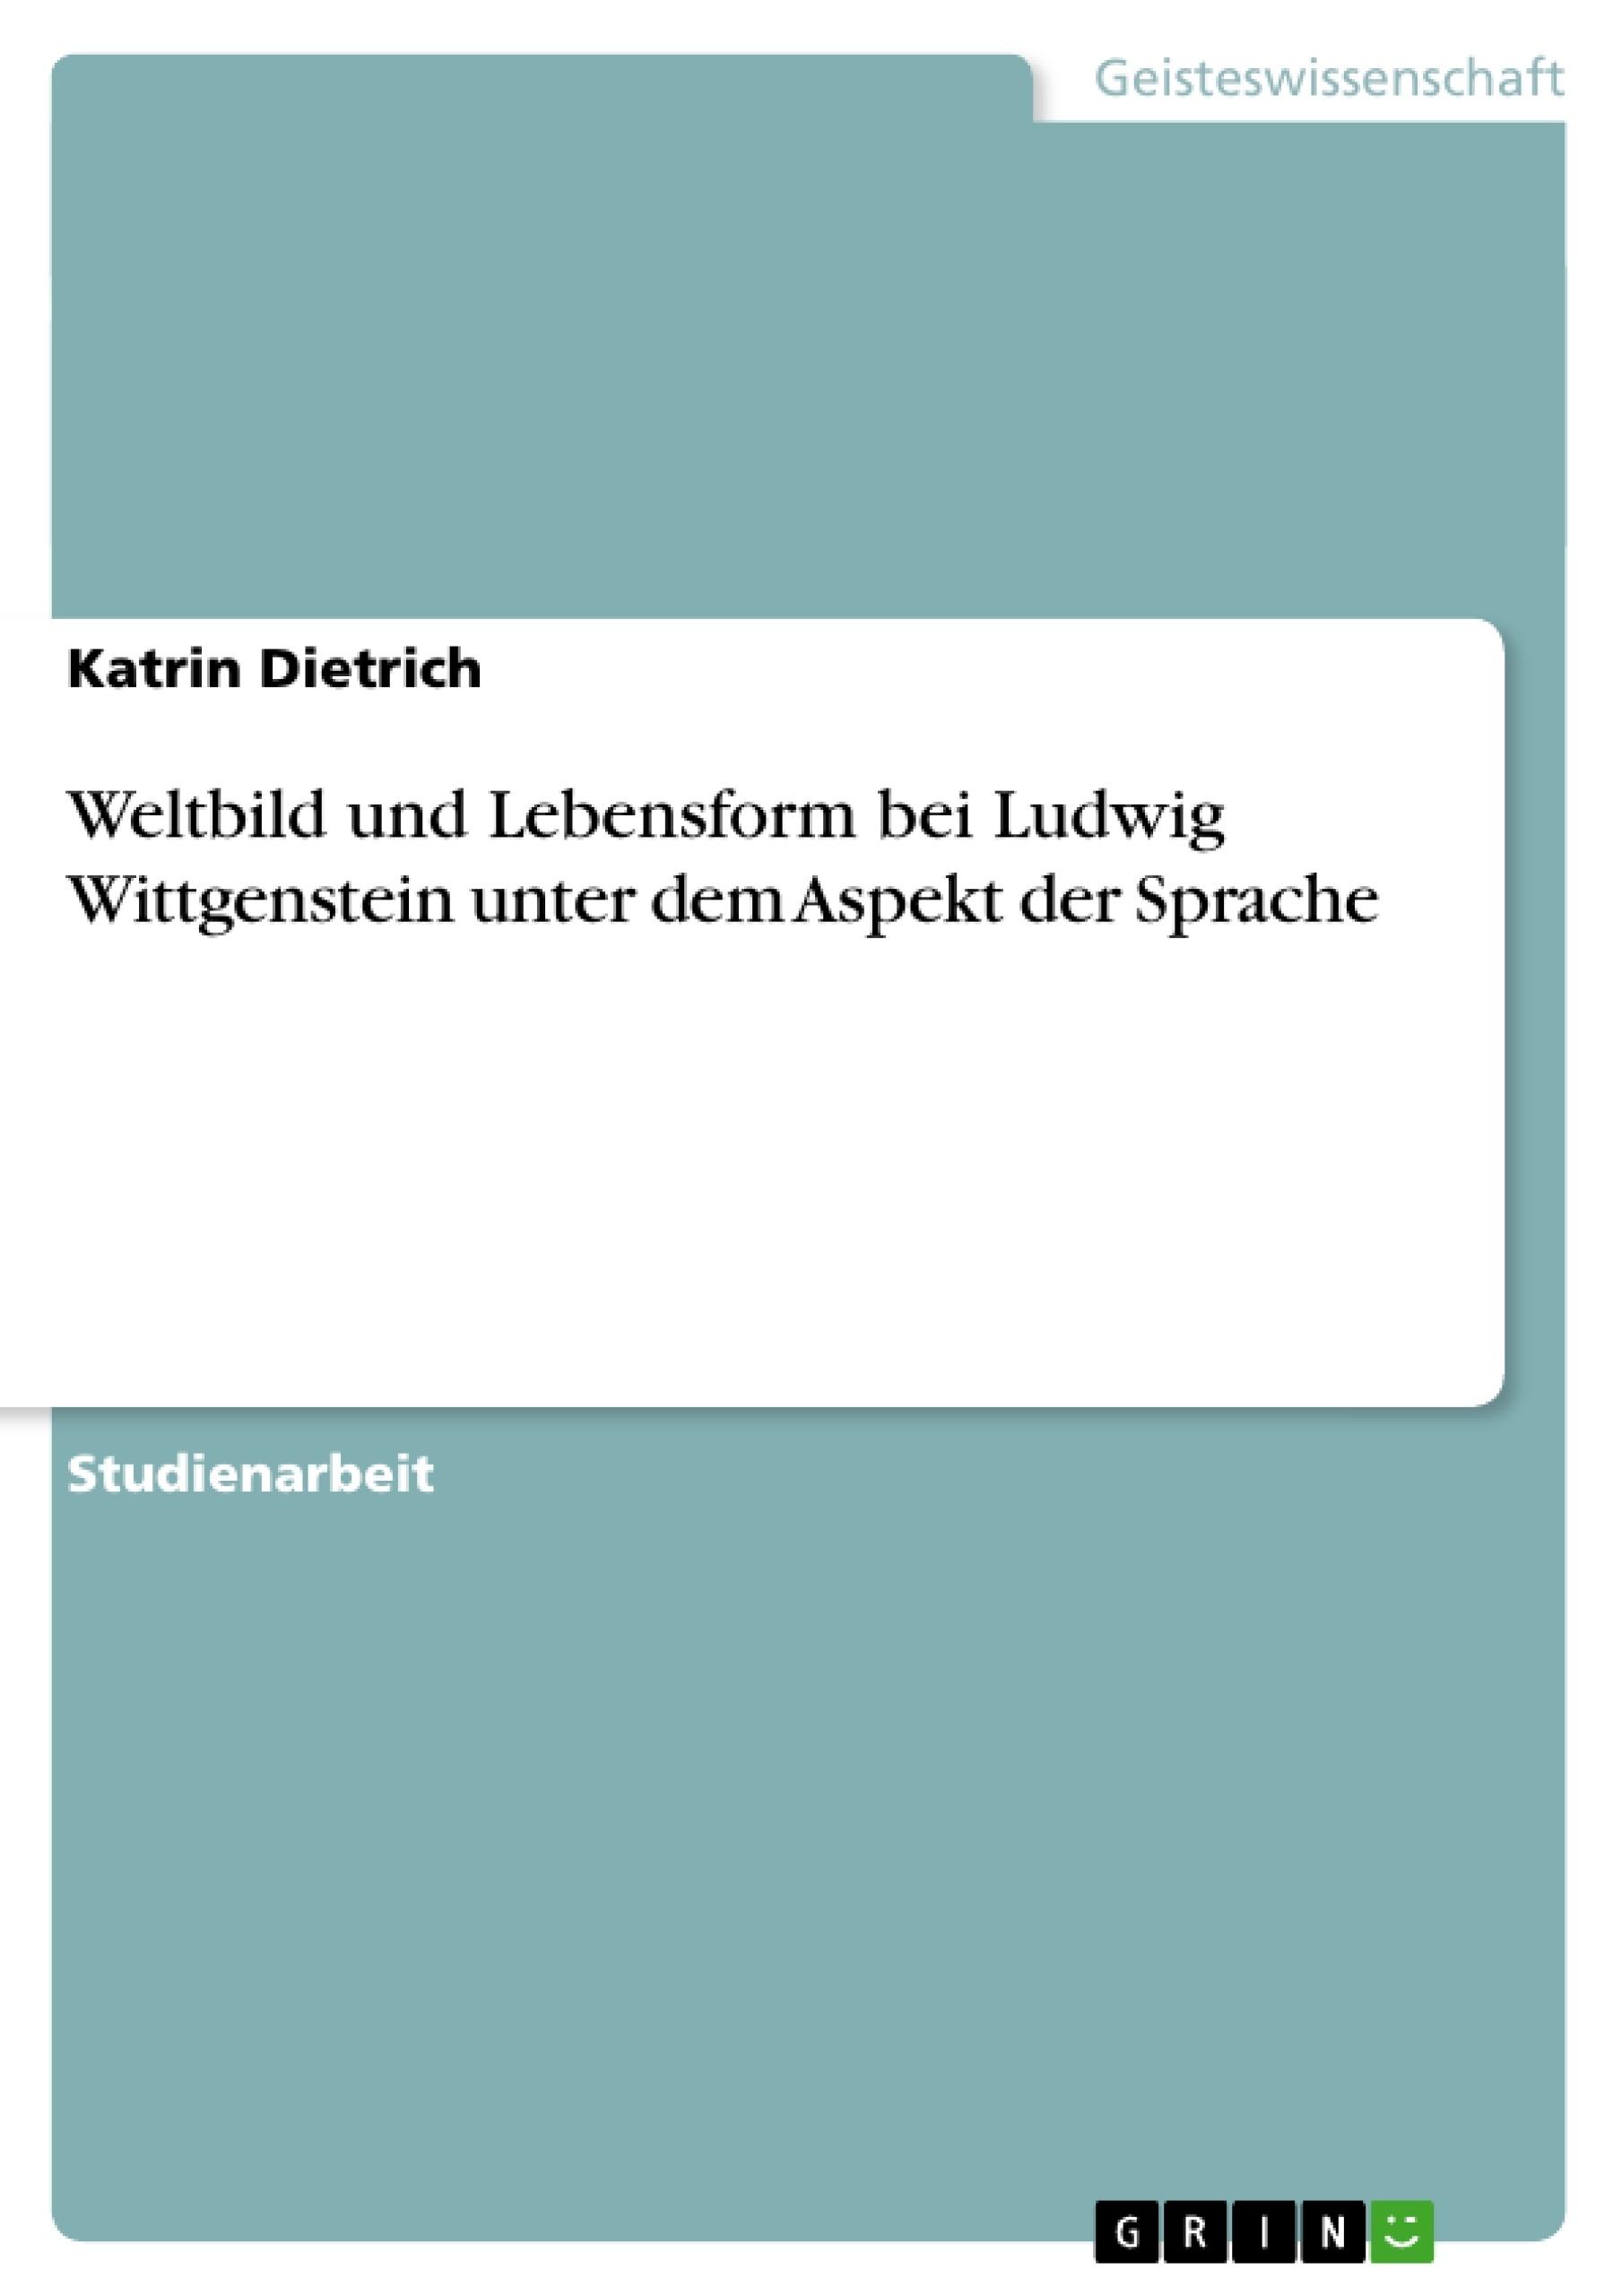 Titel: Weltbild und Lebensform bei Ludwig Wittgenstein unter dem Aspekt der Sprache